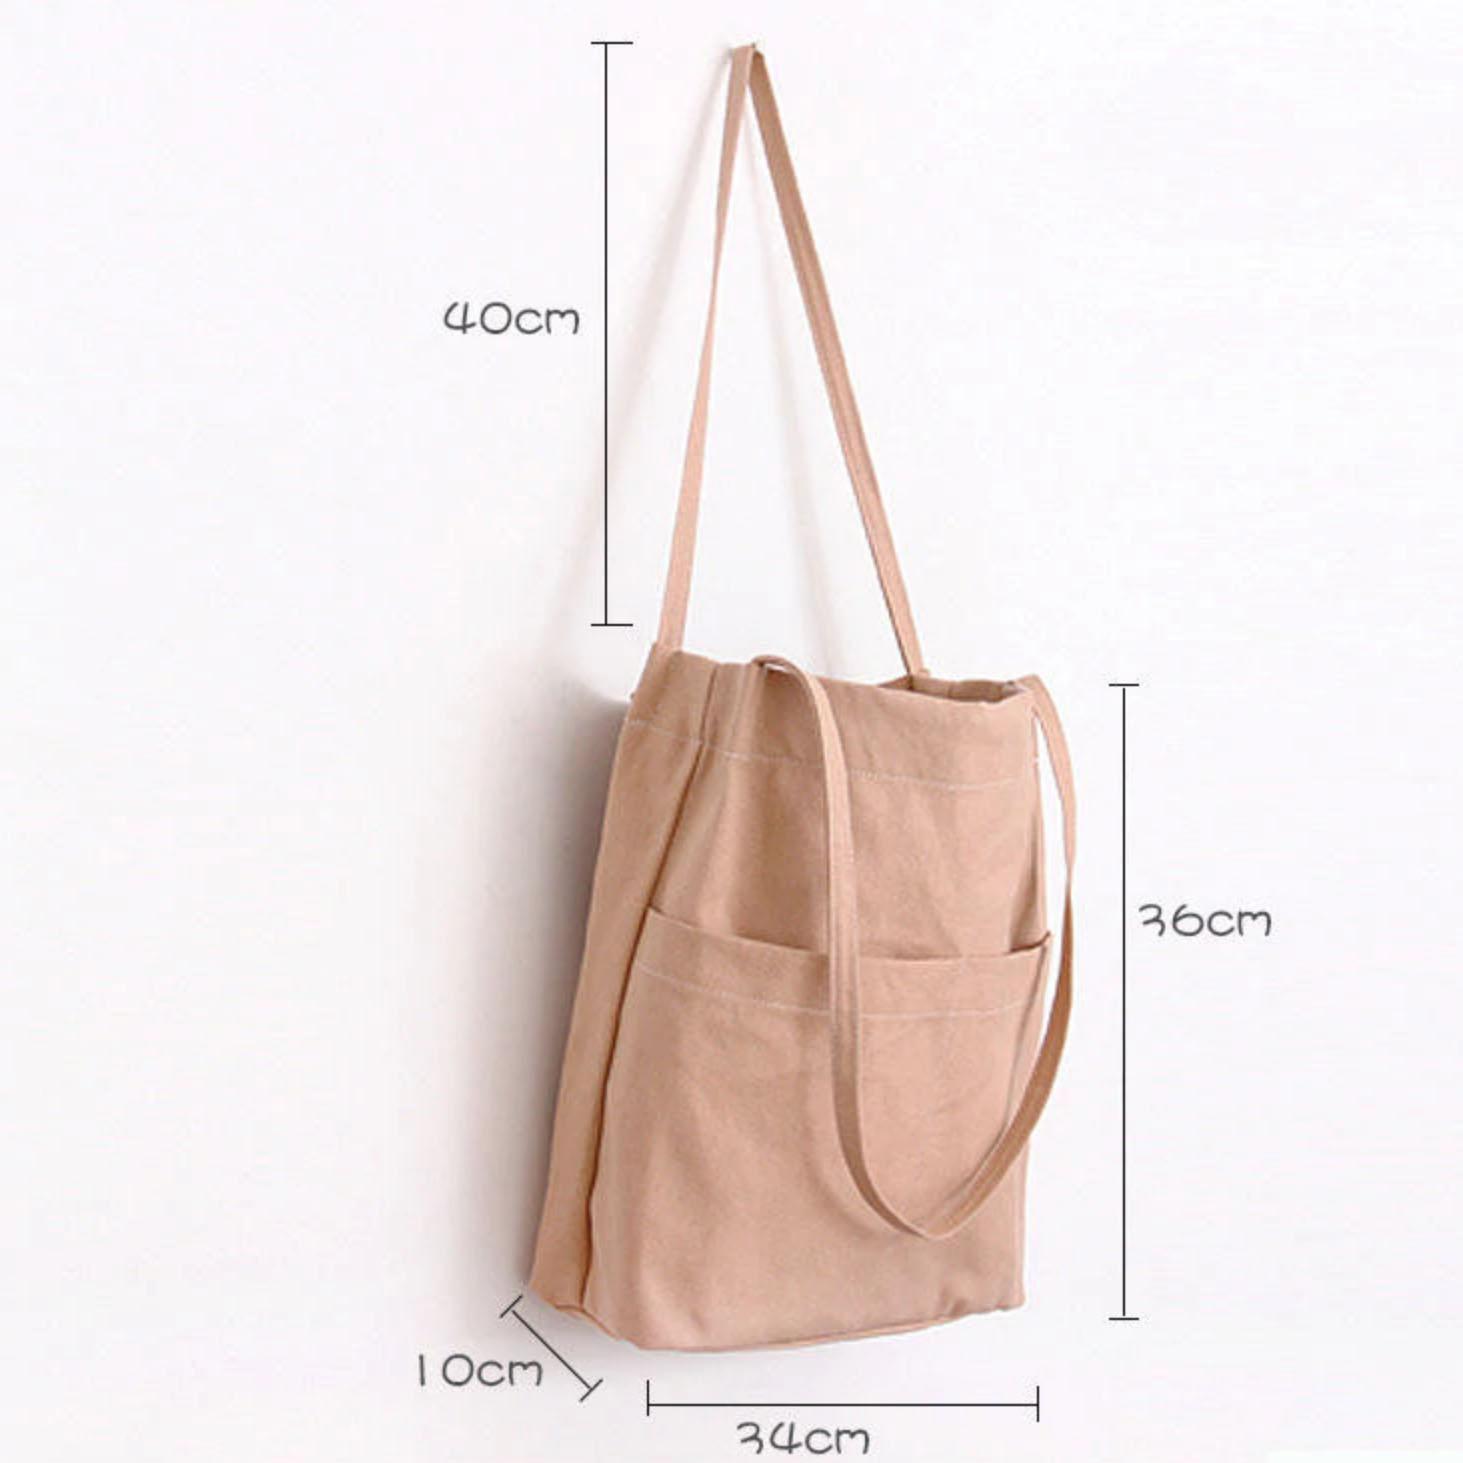 cotton tote bag design